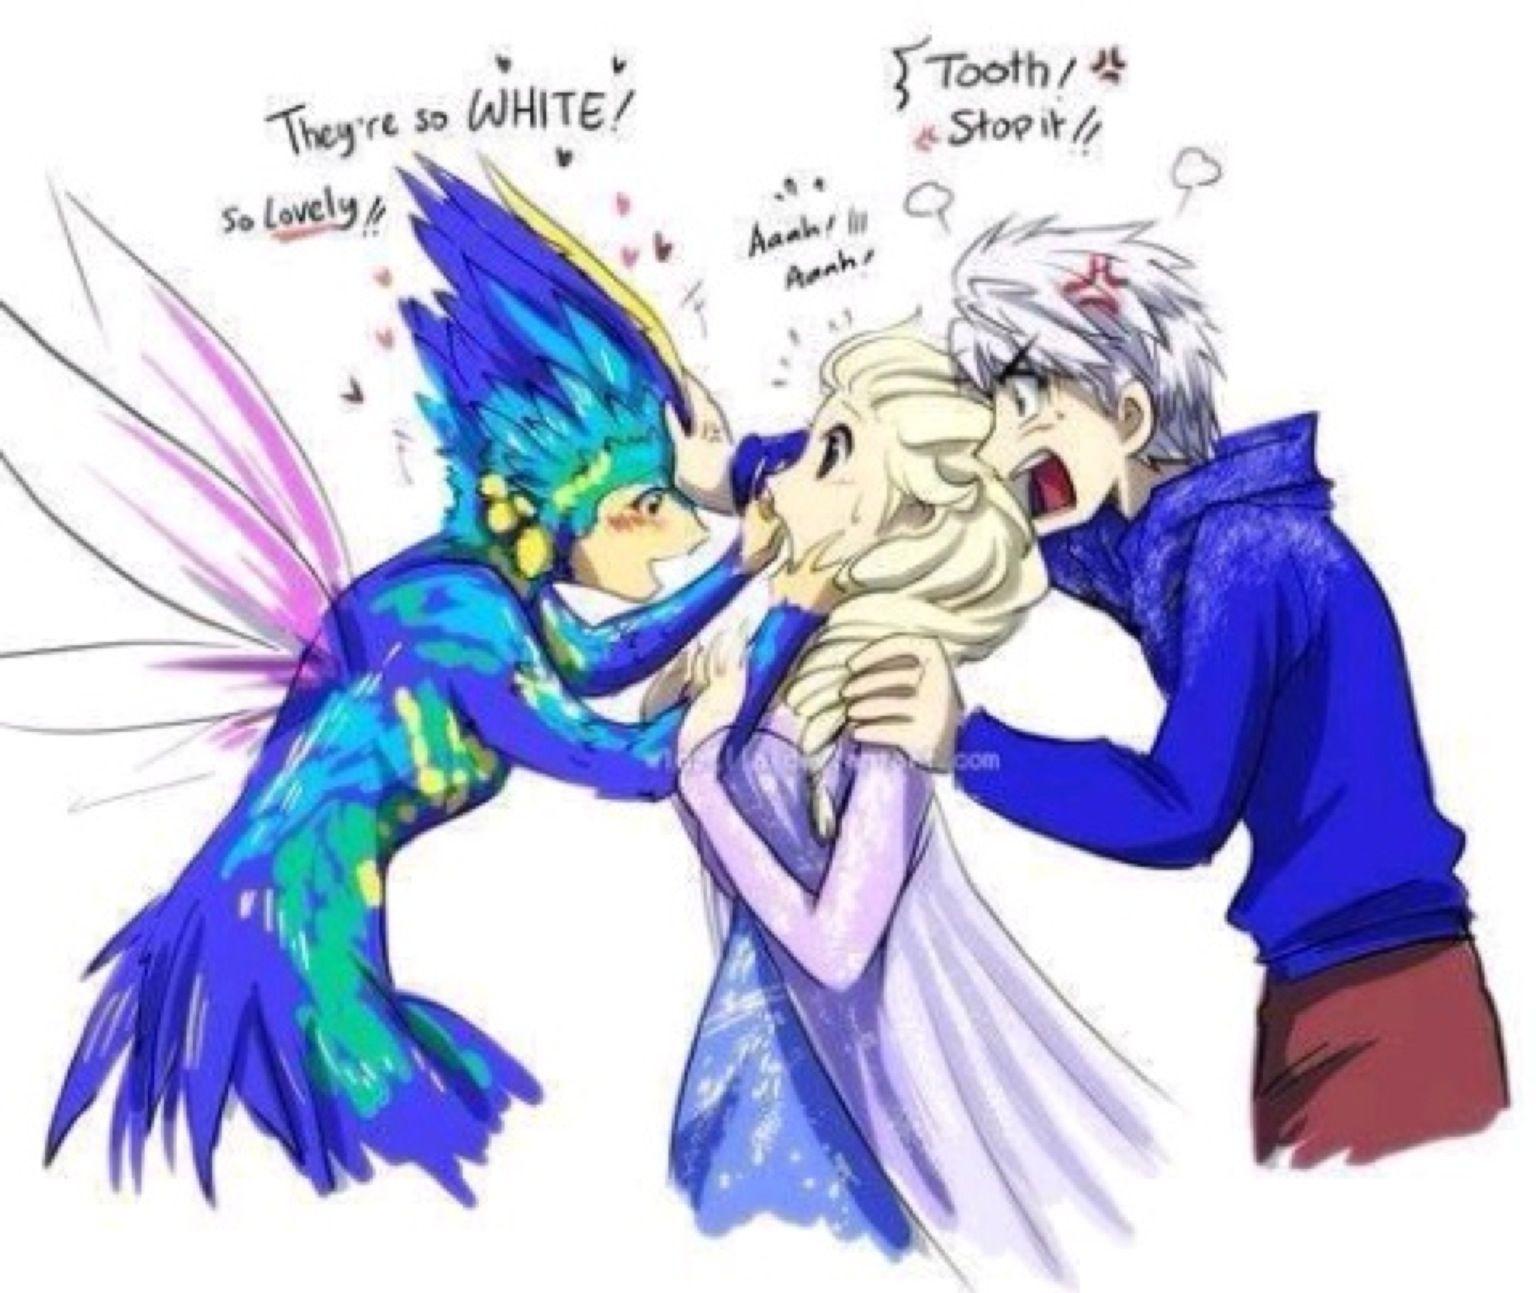 Tooth Elsa Jack Frost Jelsa Elsa Dibujo Dibujos Cosas De Disney